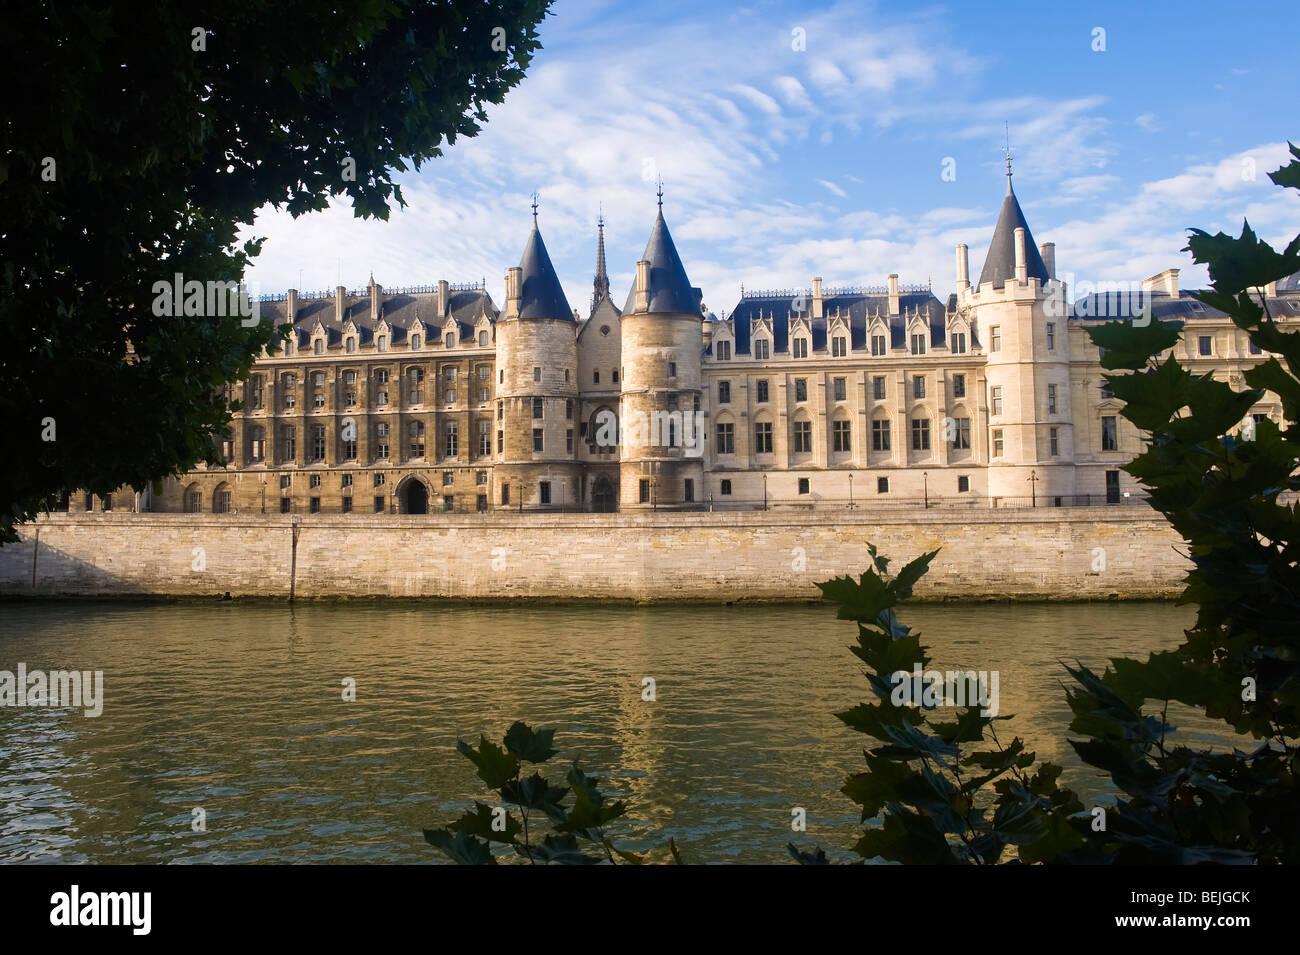 Former Conciergerie jail, Banks of the Seine, Ile de la Cite, Paris, France - Stock Image